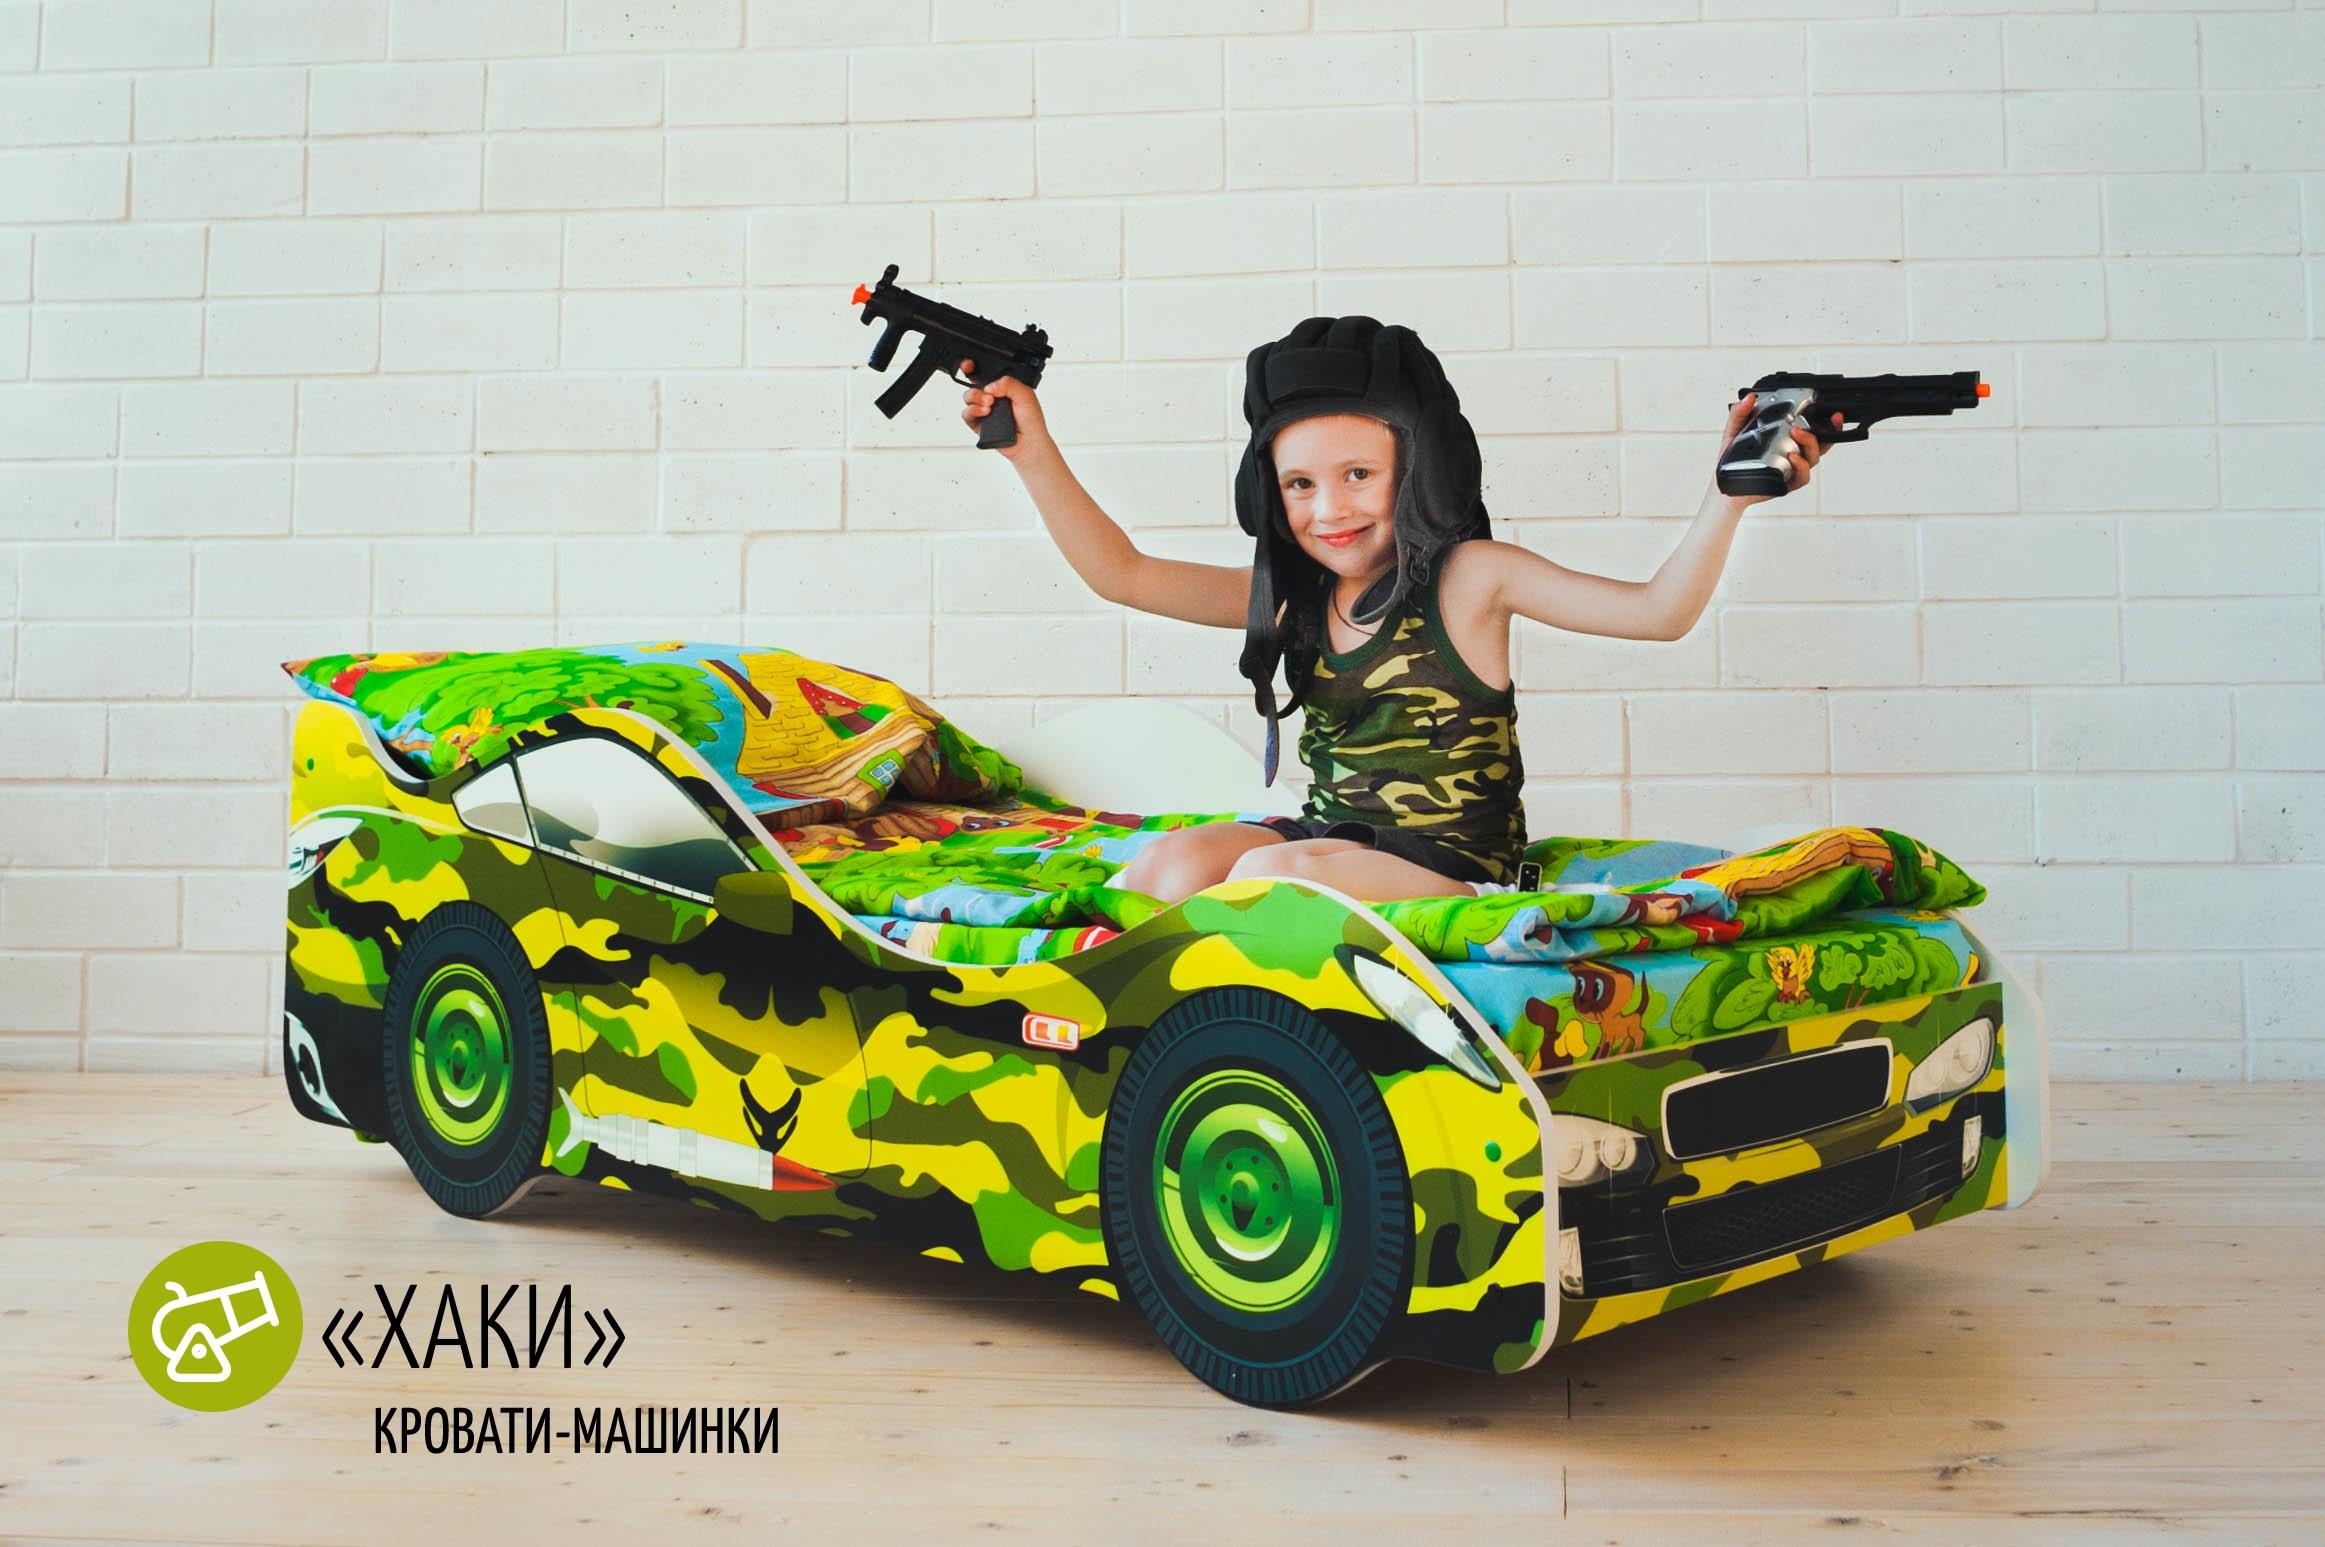 Детская кровать-машина -Хаки-7